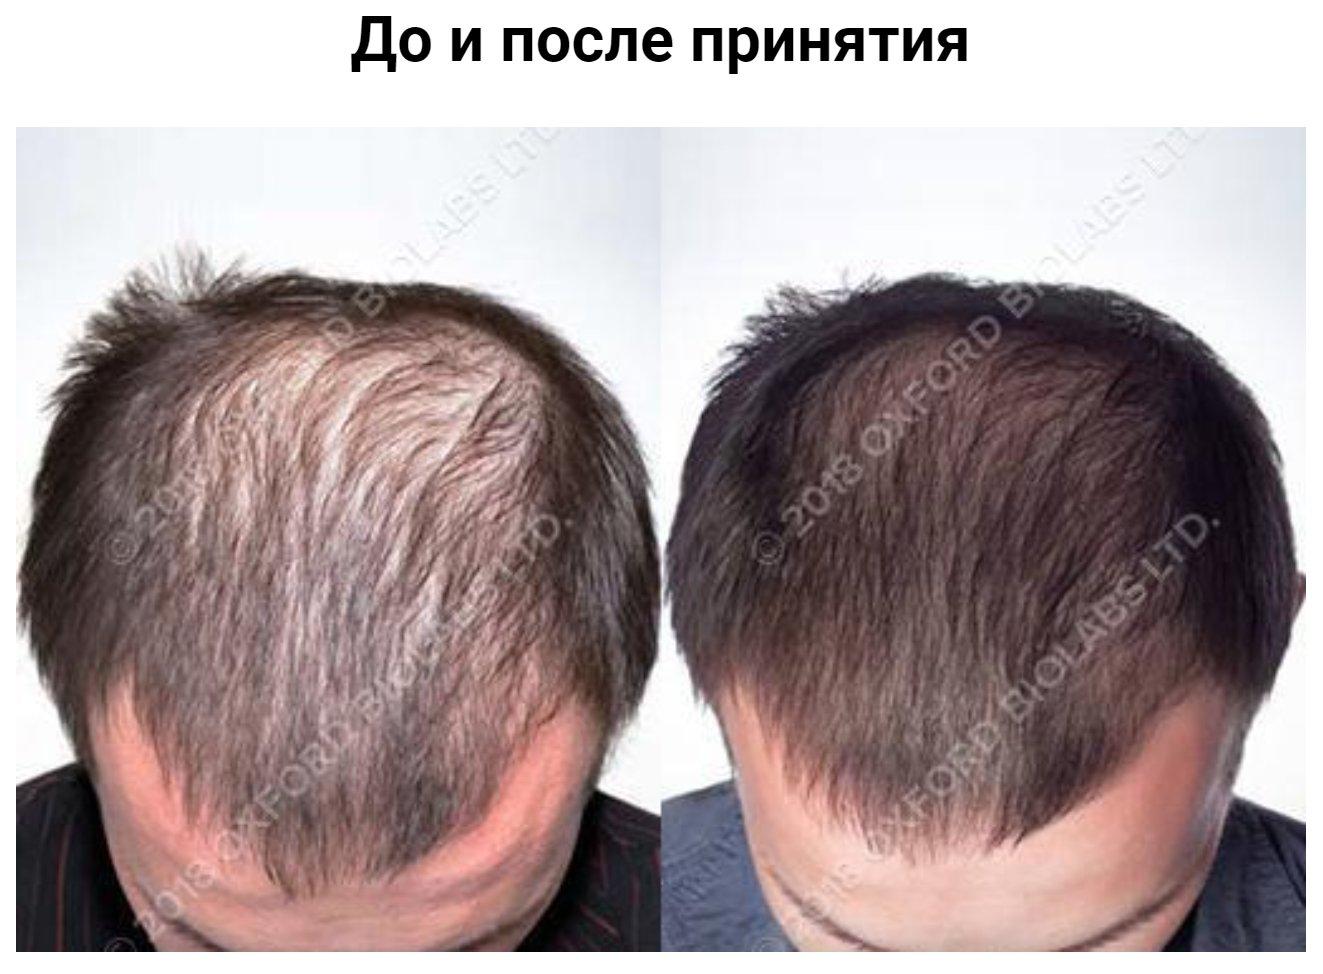 Мужчина, 34 года Норвуд: III - диффузное истончение волос. Лечение: витамины TRX2®. Продолжительность 18 месяцев